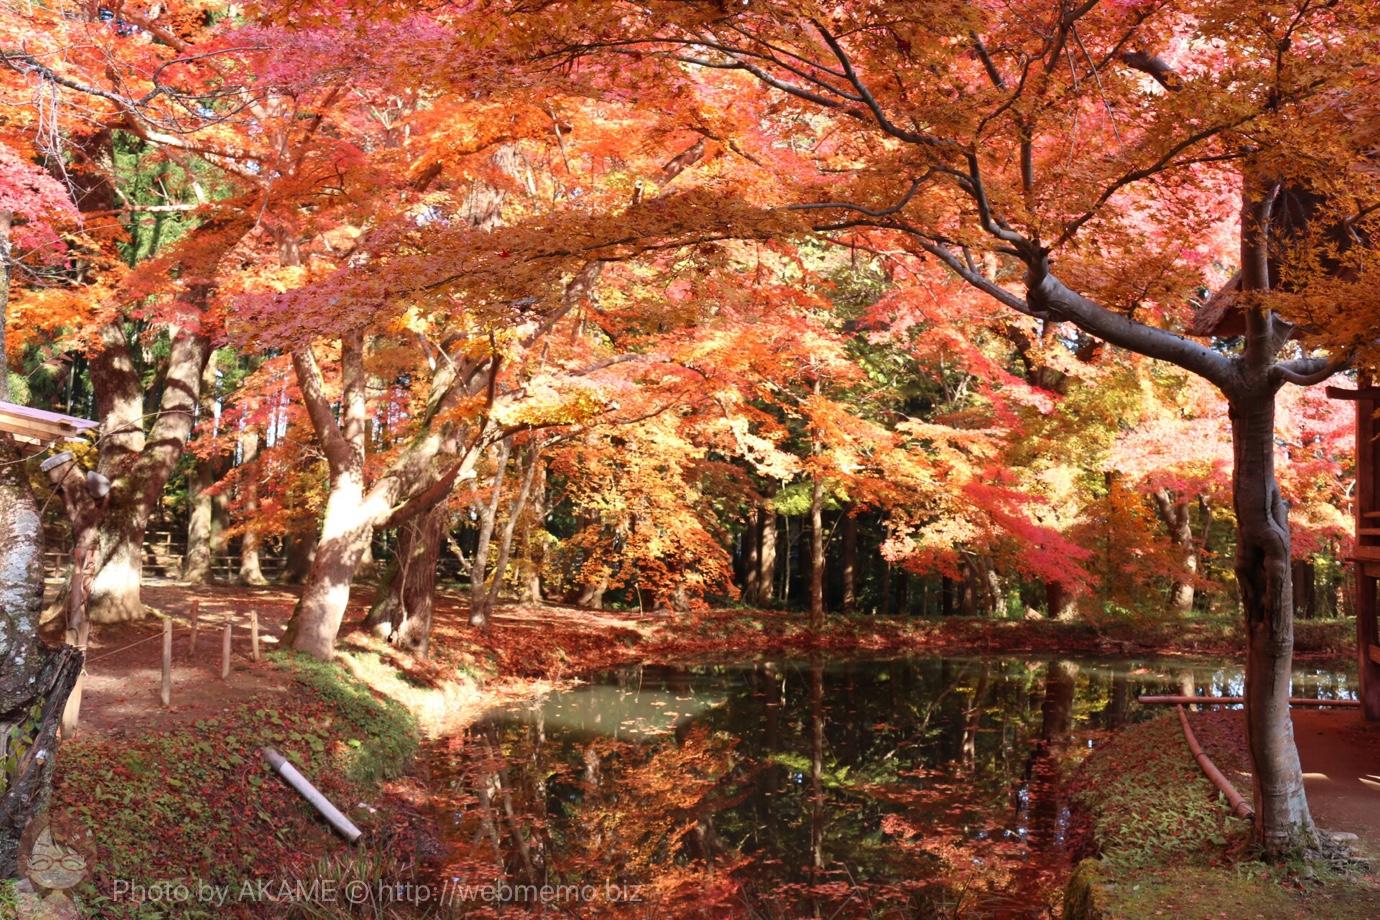 中尊寺の紅葉が見頃!赤とオレンジの息をのむ光景に大感激